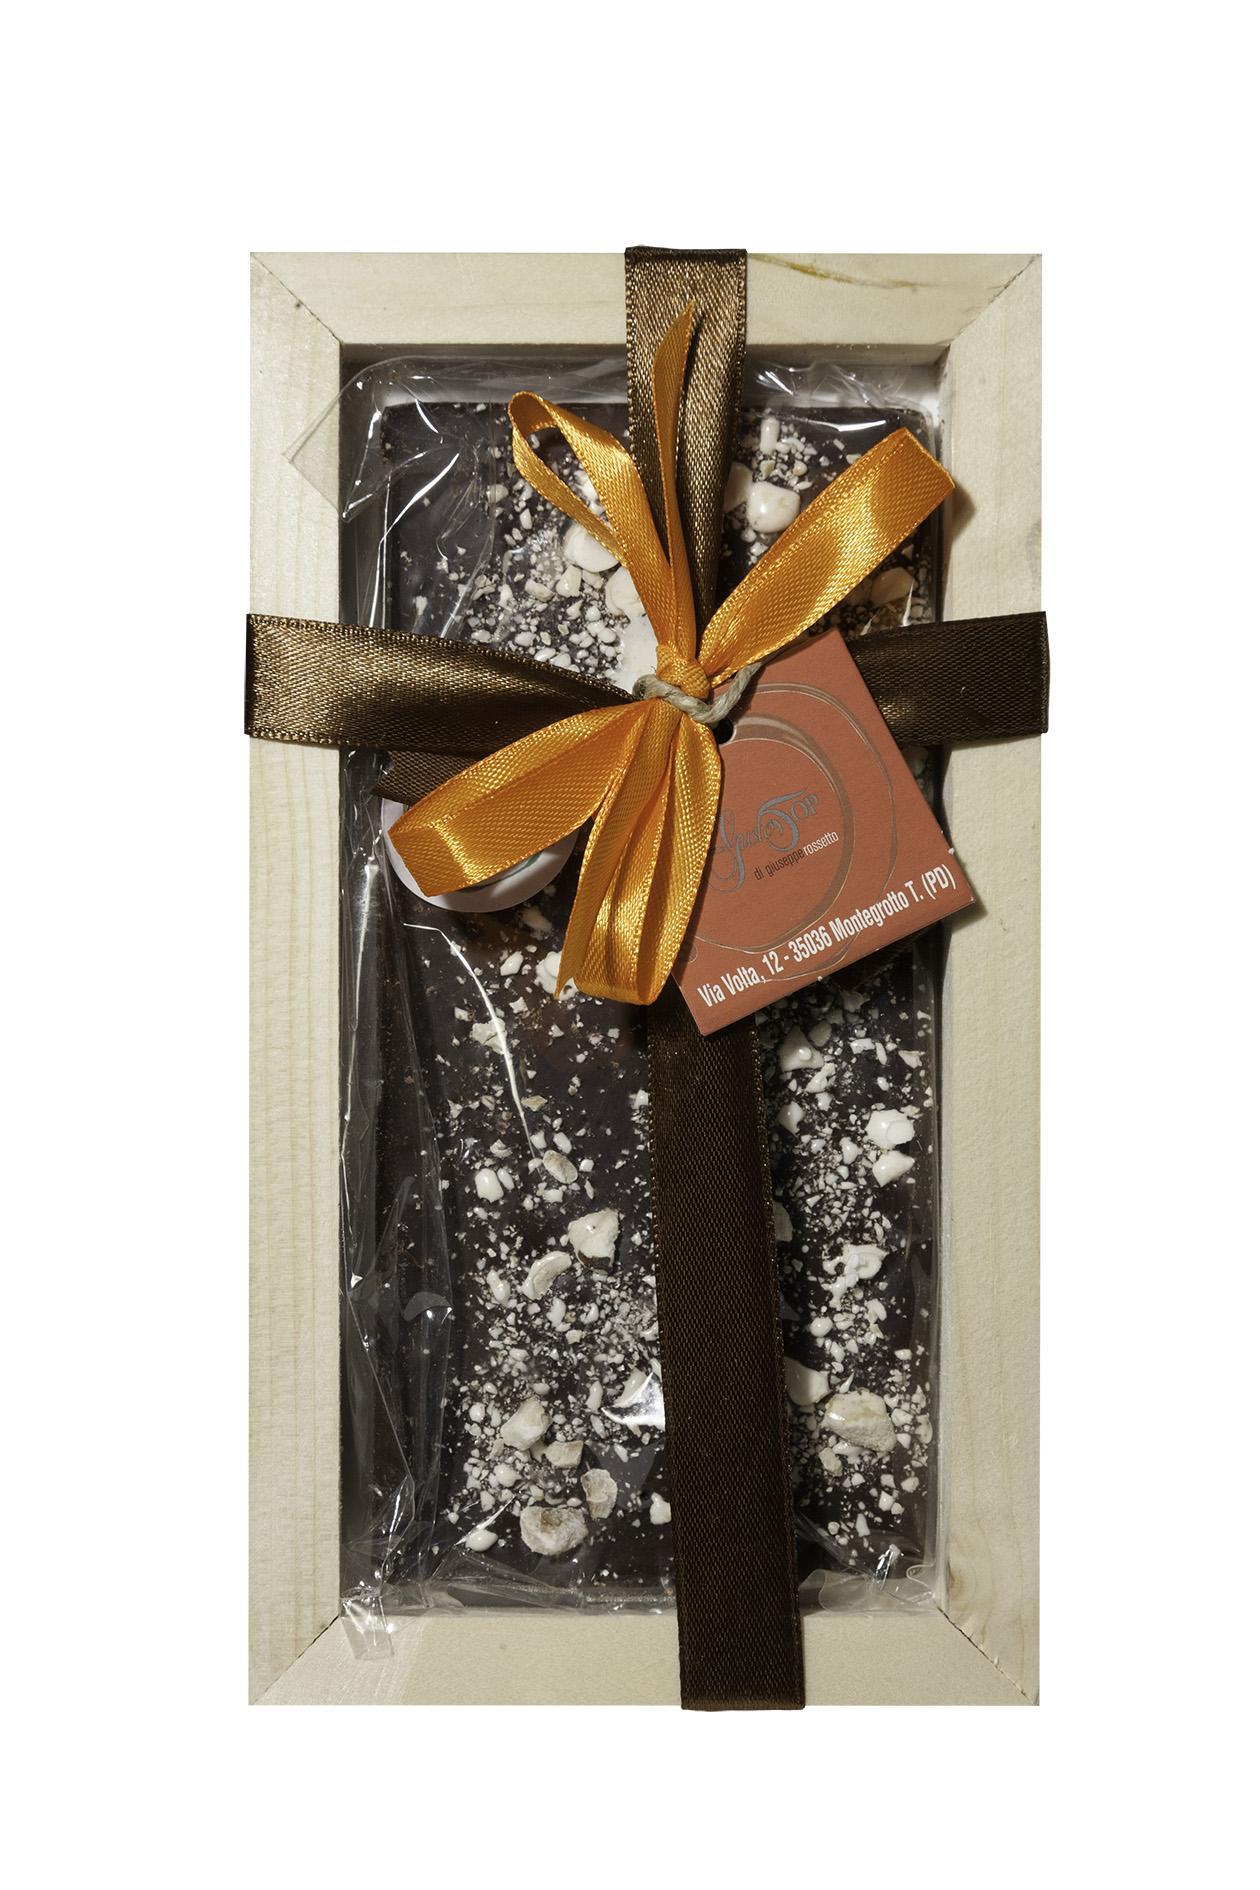 Tavoletta di Cioccolato fondente 61% e granella di torrone, gr 80 con cornice in legno